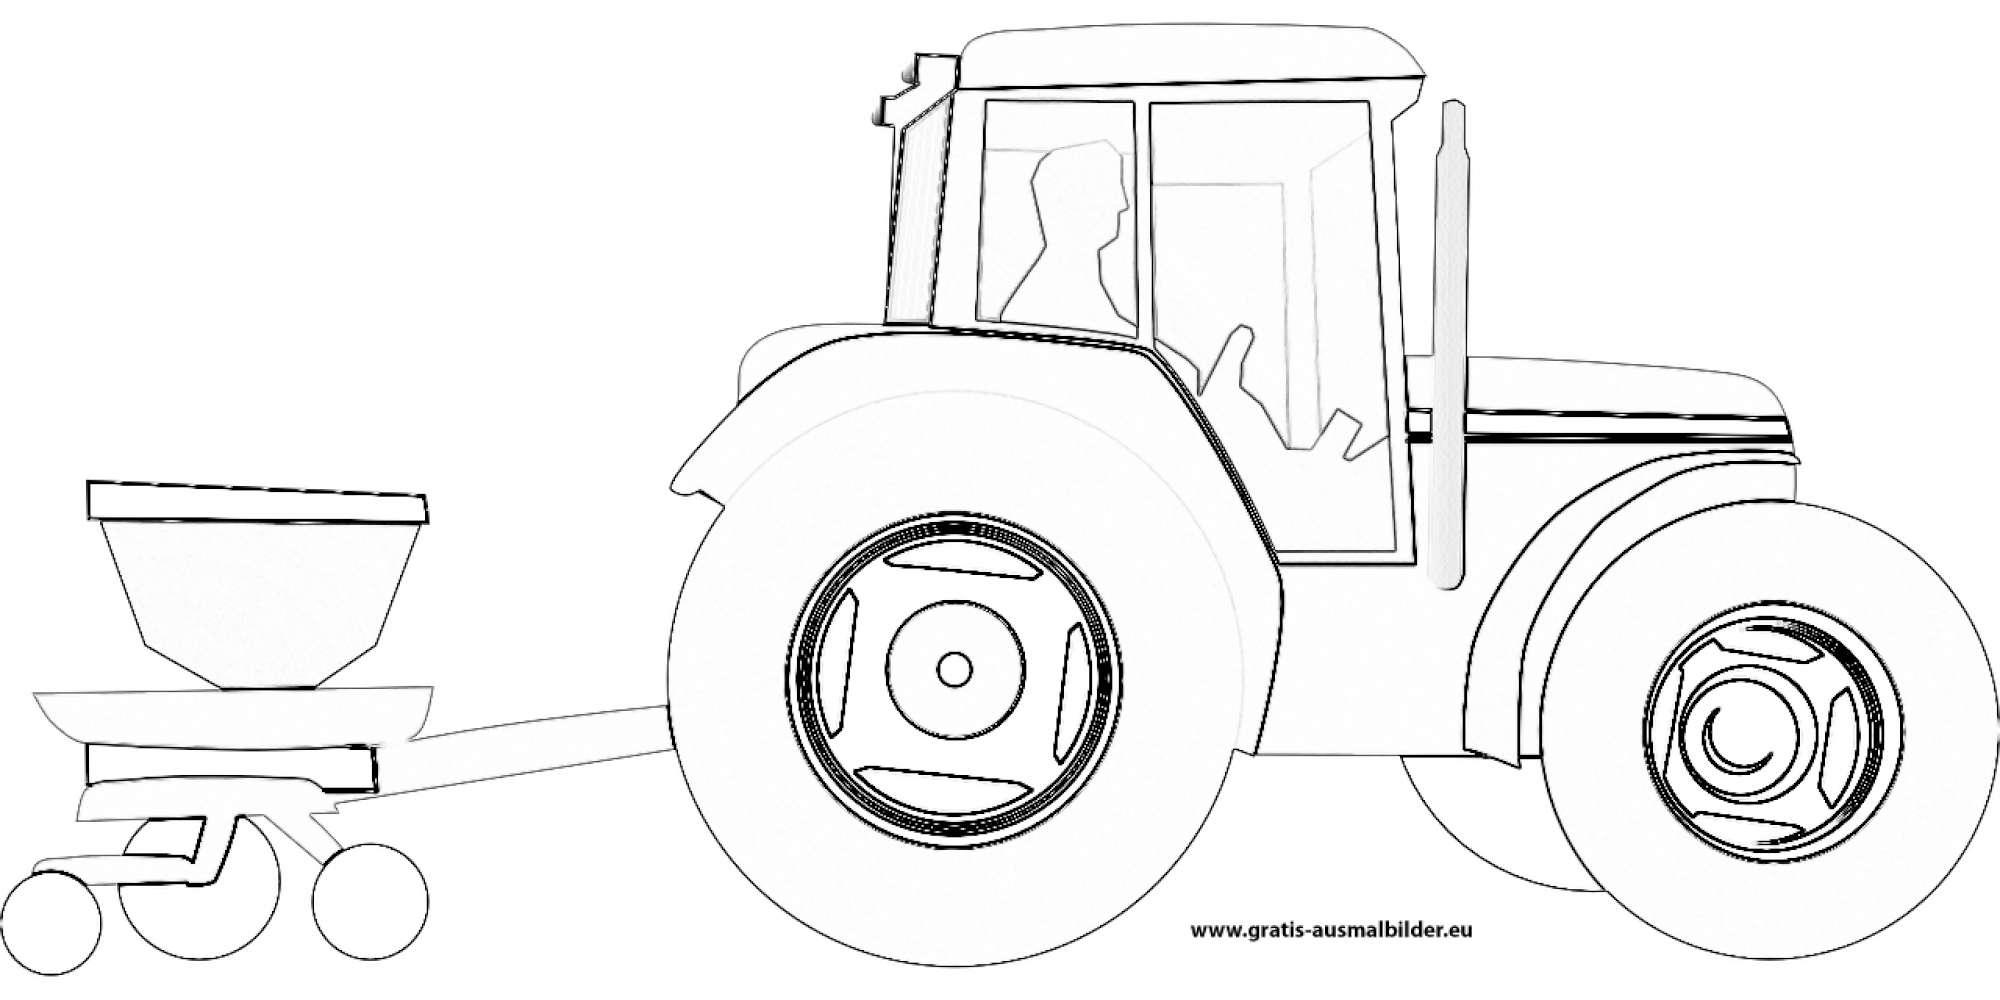 traktor mit anhänger - gratis ausmalbild